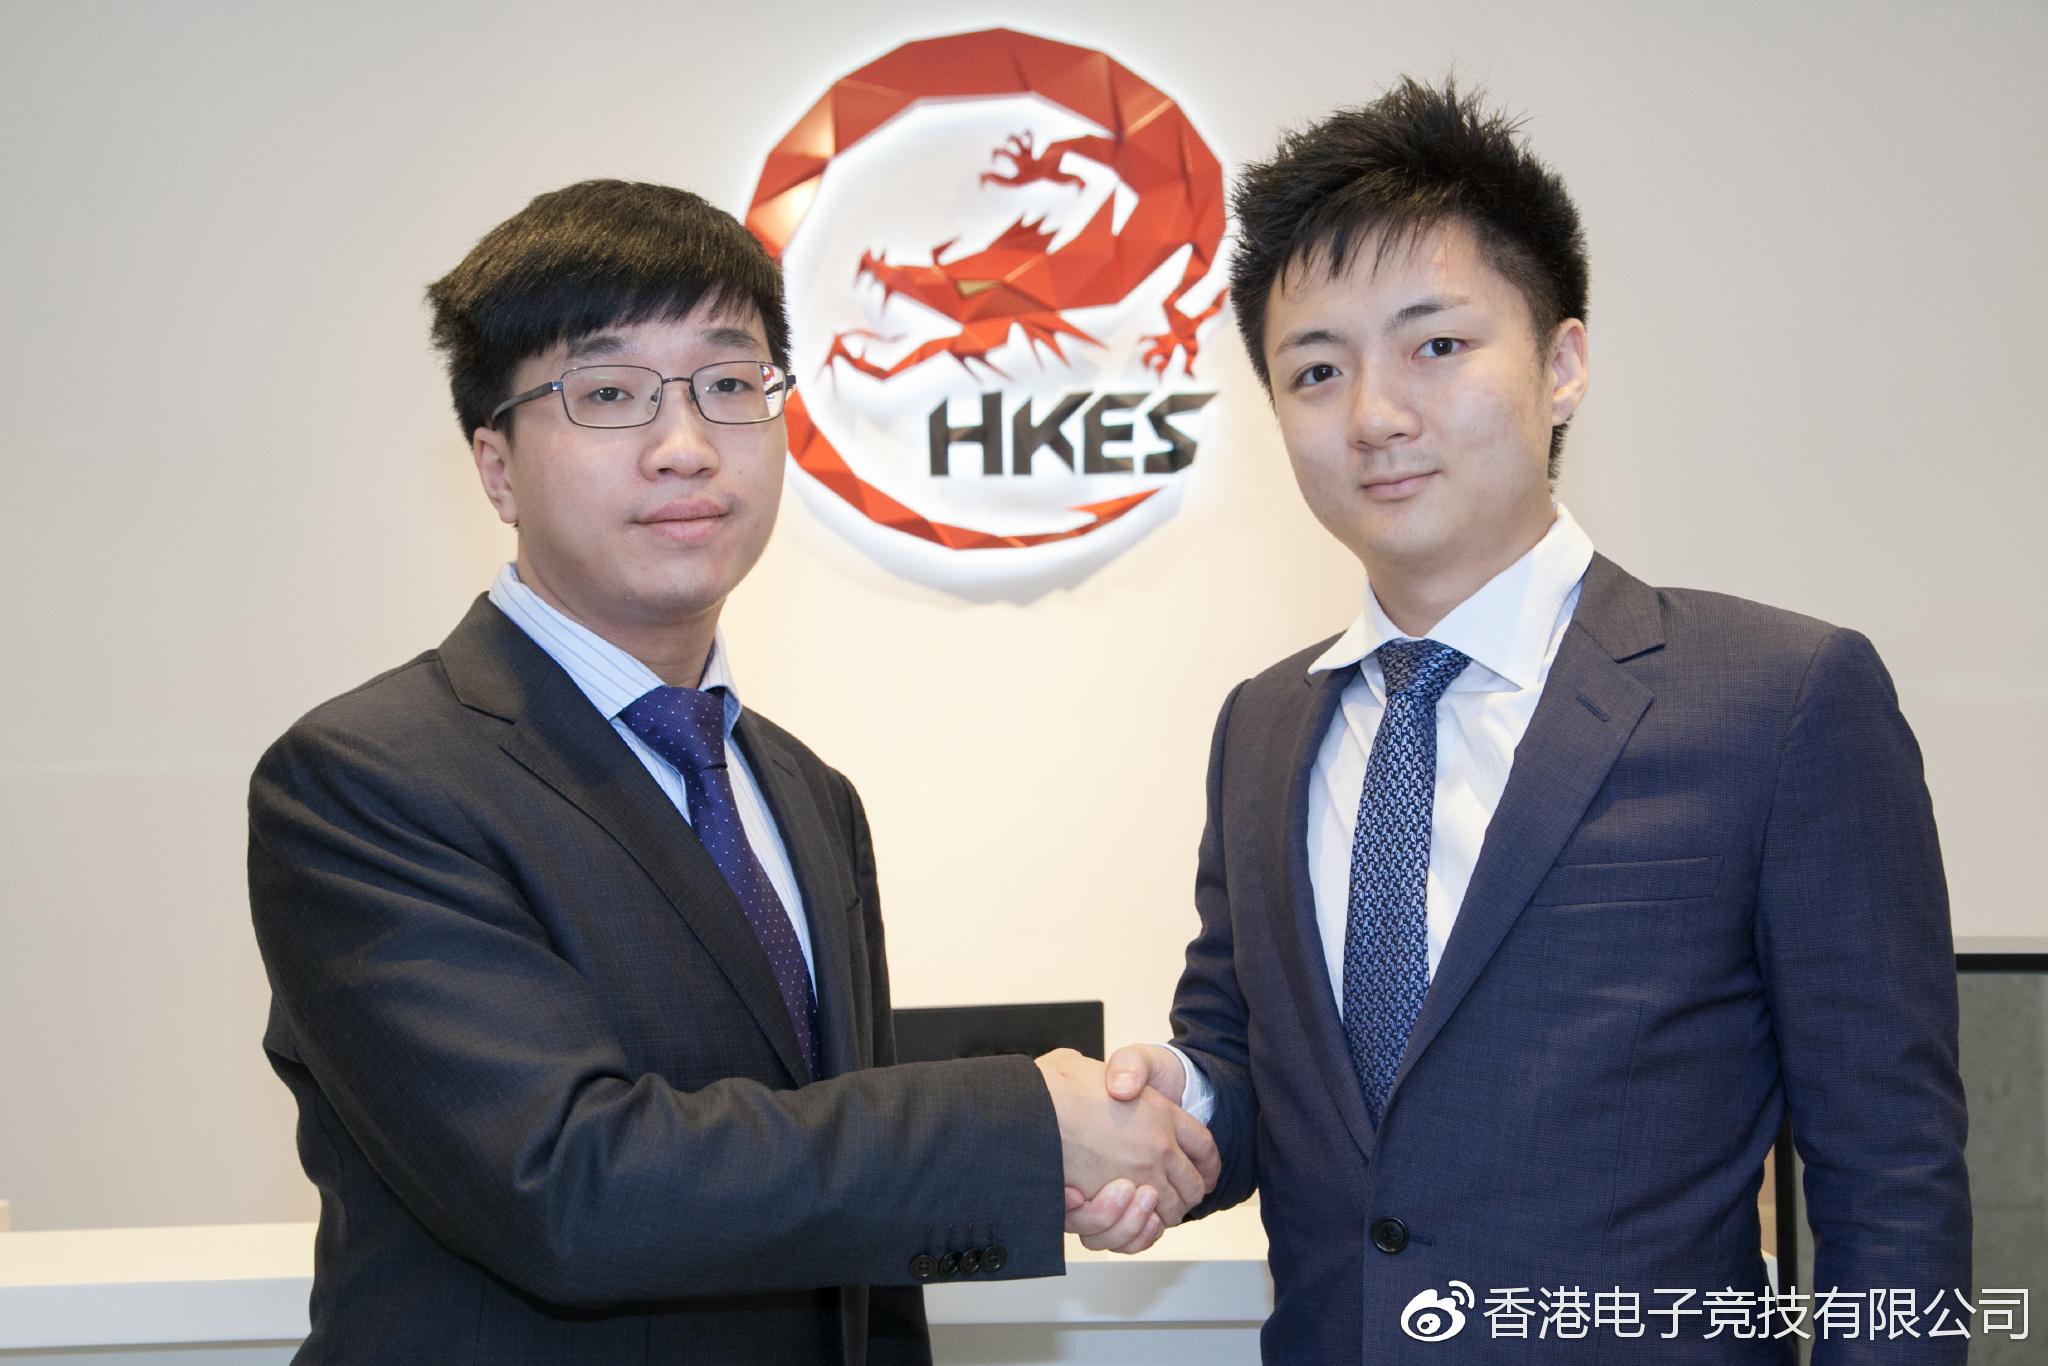 0516联盟日报:TABE加盟 HKES任教练